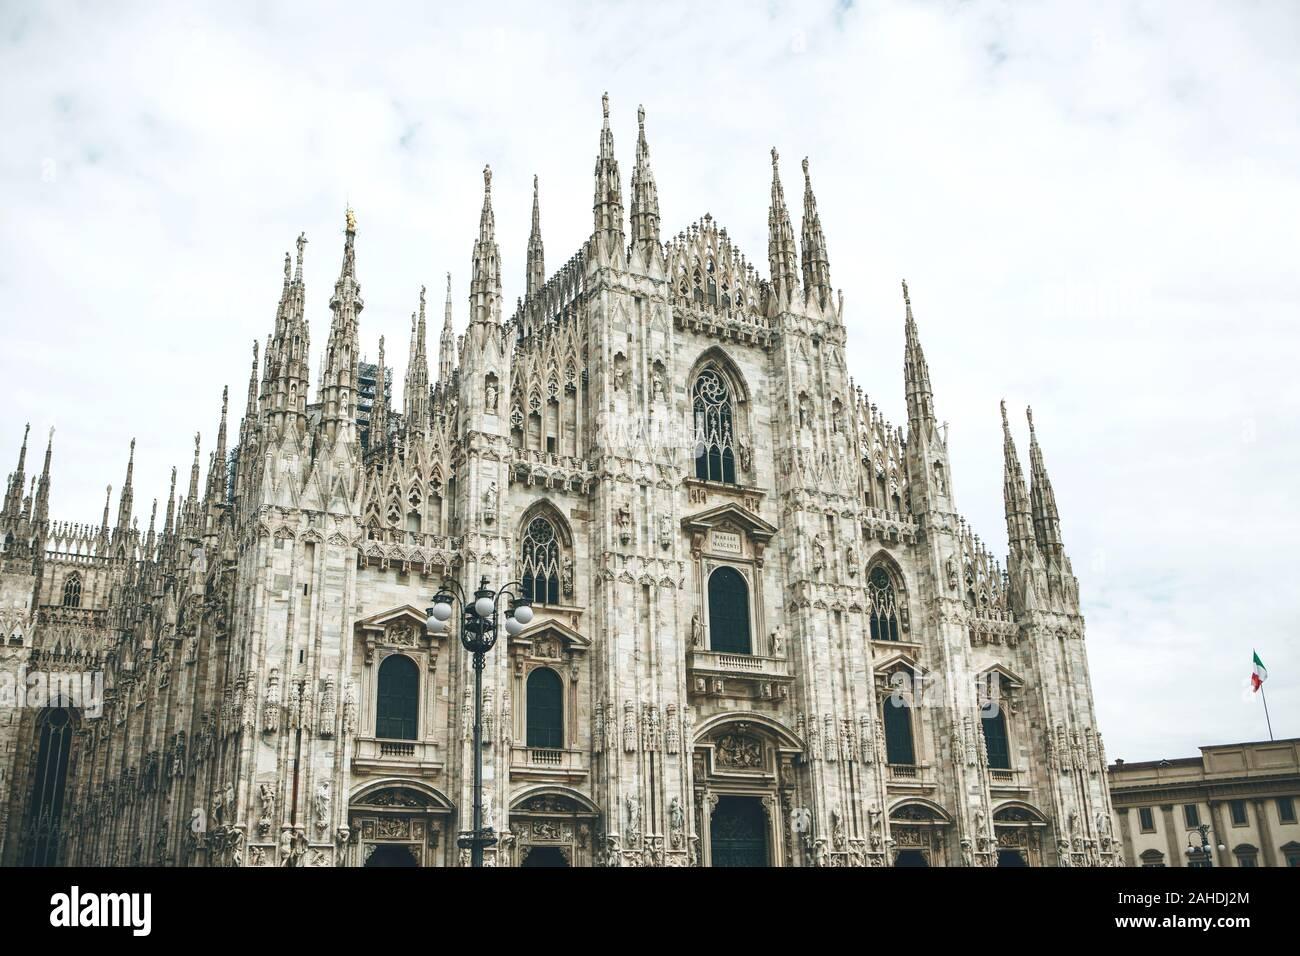 Belle vue de l'ancienne cathédrale du Duomo de Milan en Italie. C'est l'une des attractions de touristes les plus populaires en Italie. Banque D'Images